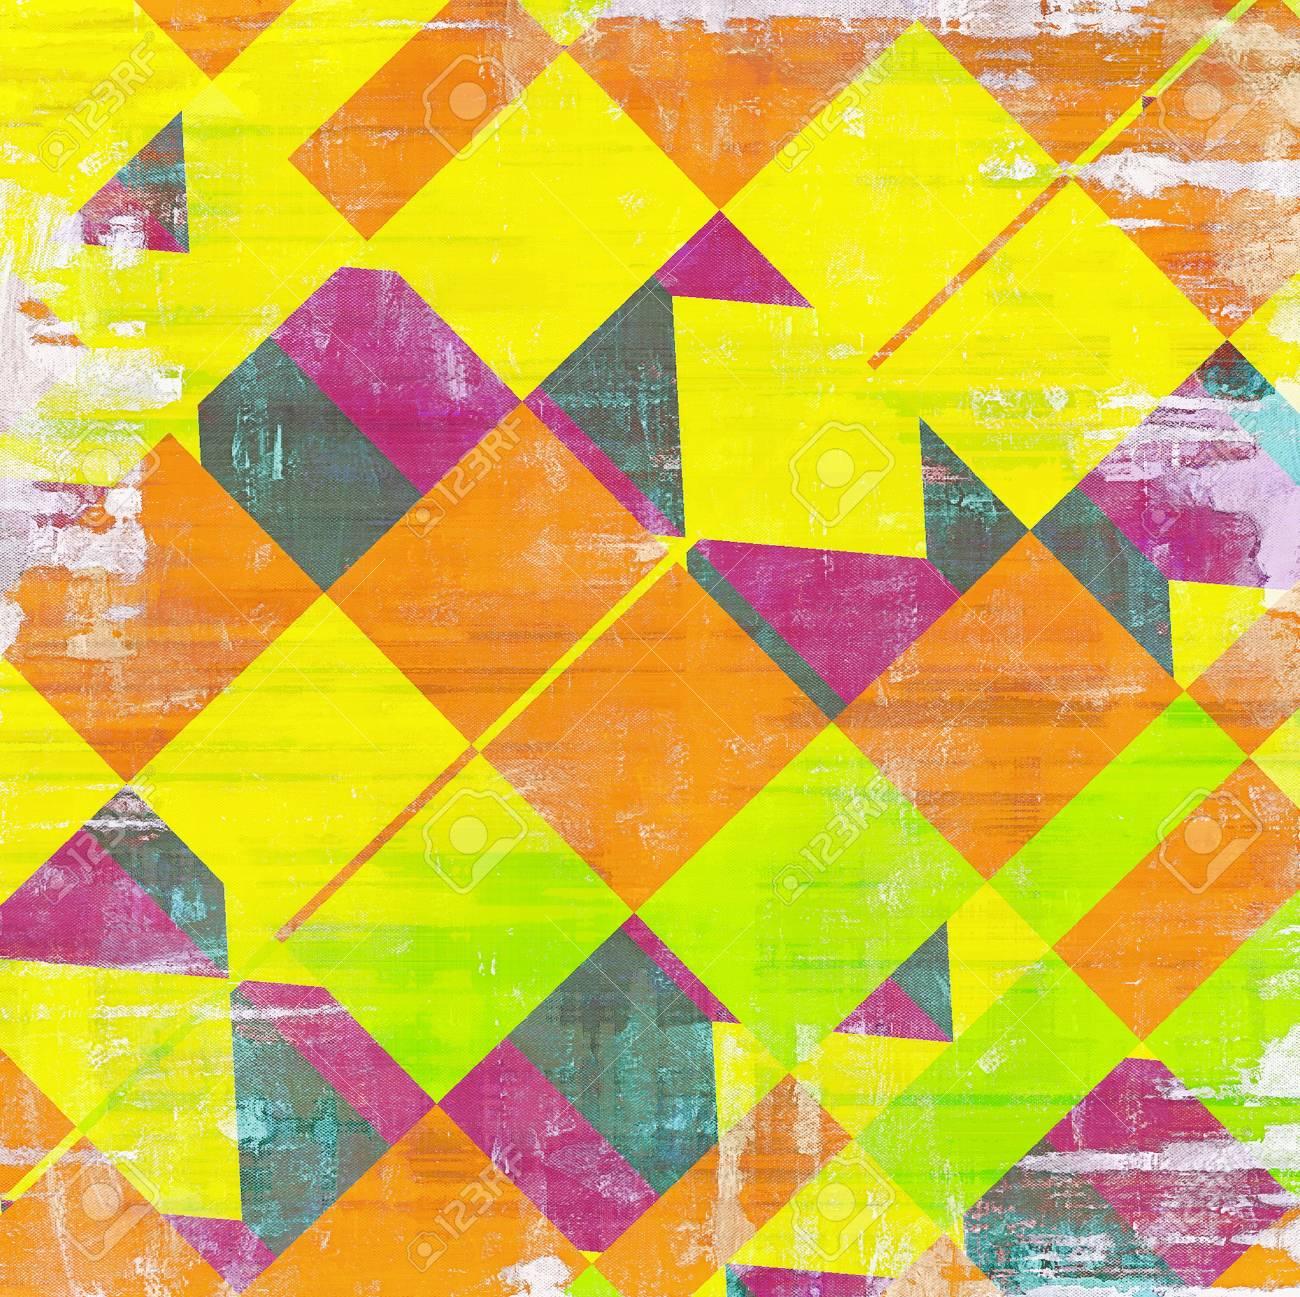 Vintage Fond Texture Avec Differents Modeles De Couleur Jaune Beige Rouge Orange Verte Pourpre Violet Banque D Images Et Photos Libres De Droits Image 46168484